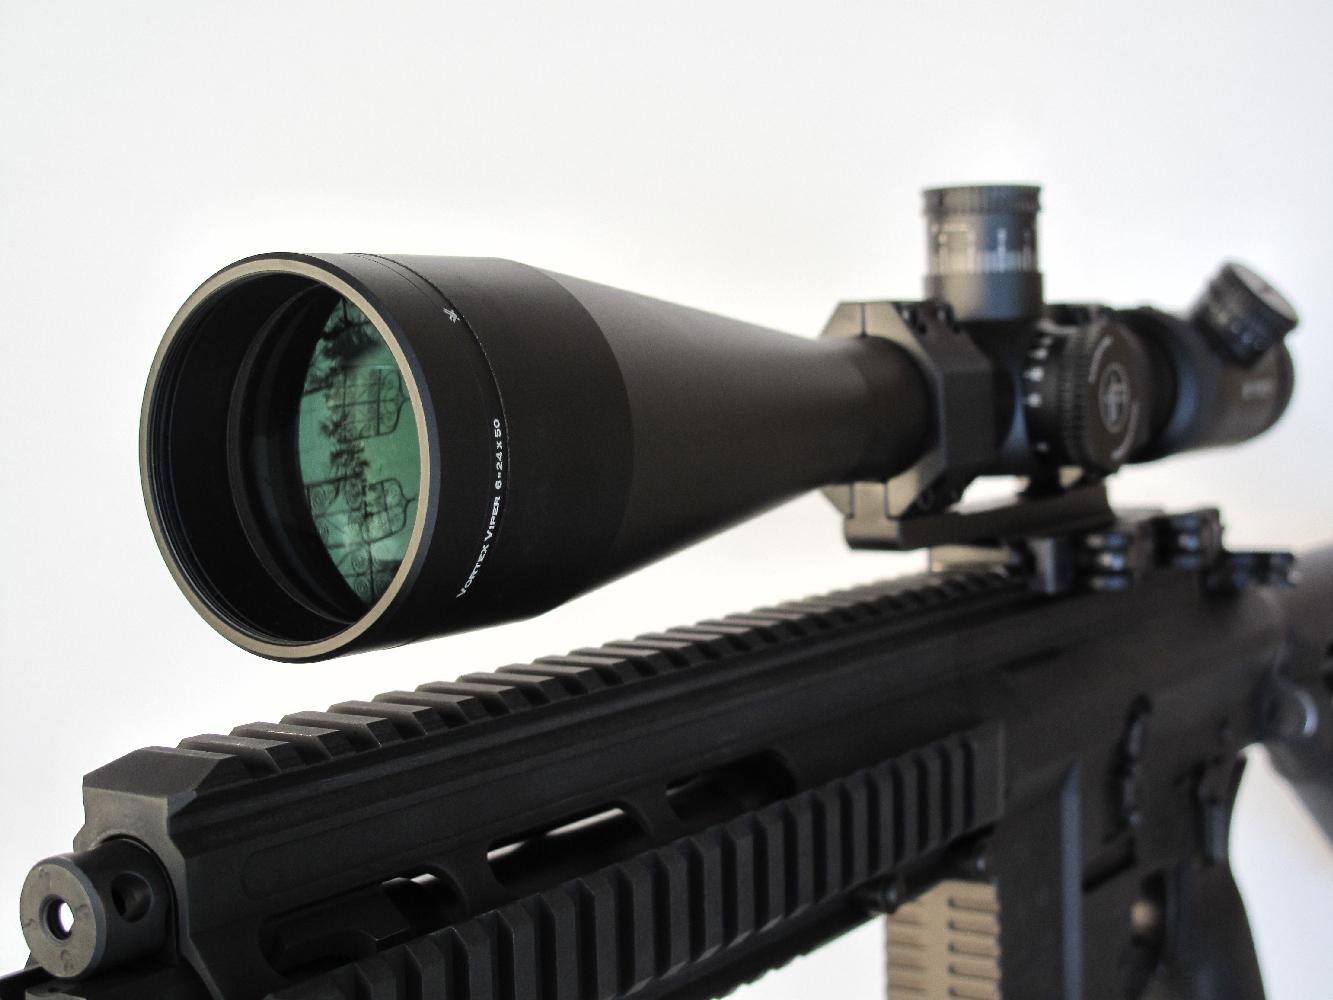 Nos tirs à 100 m ont été réalisés en équipant l'arme d'une lunette Vortex « Viper » 6-24 x 50, un modèle à grossissement réglable de 6 à 24 fois qui est en outre équipé d'un réticule lumineux.